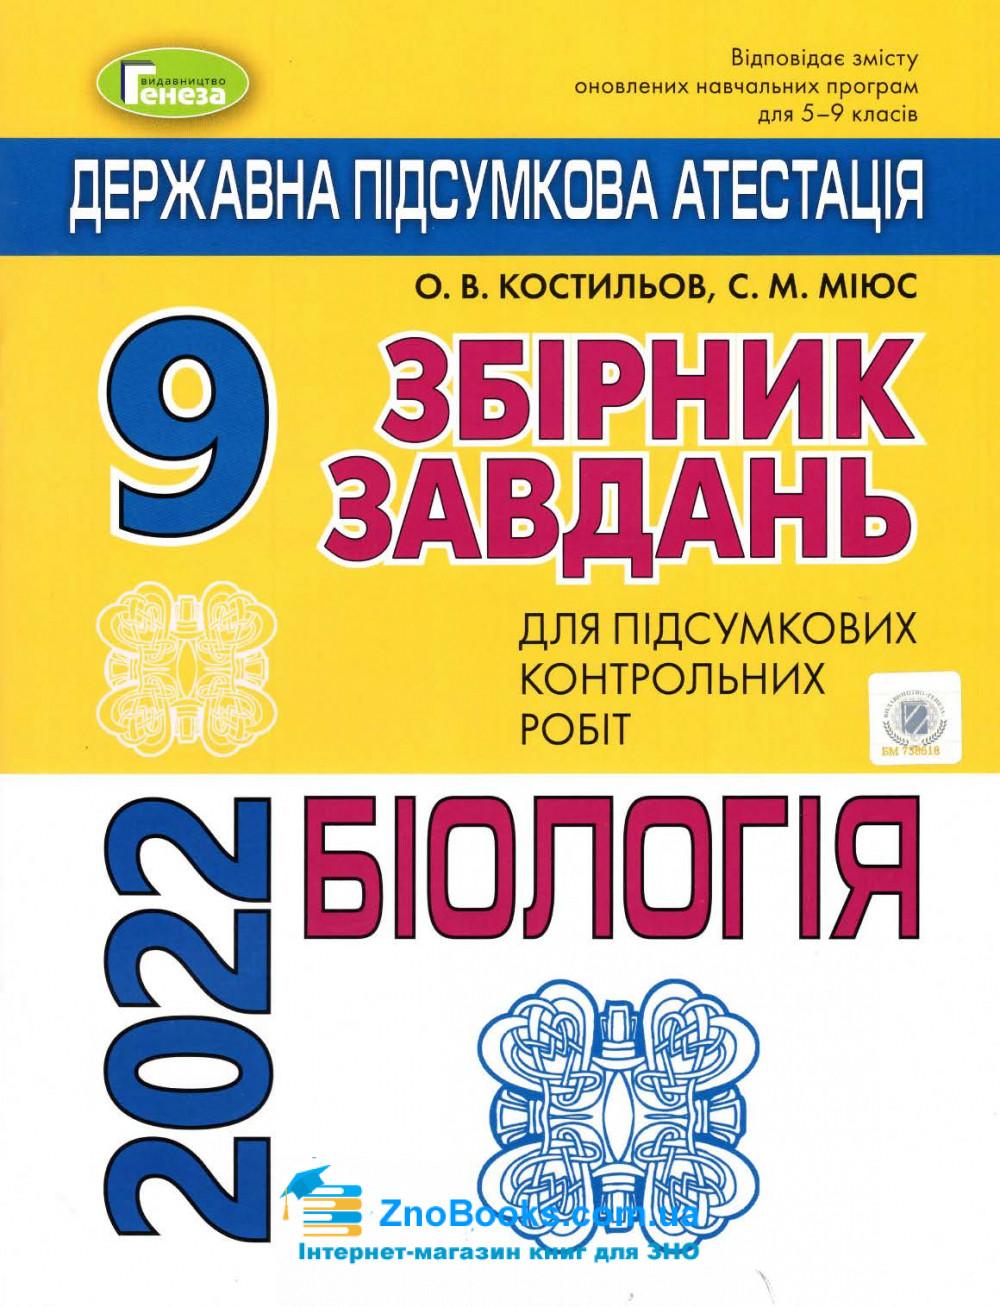 ДПА 9 клас 2022 біологія. Збірник завдань : О. Костильов, С. Міюс Генеза. Купити 0